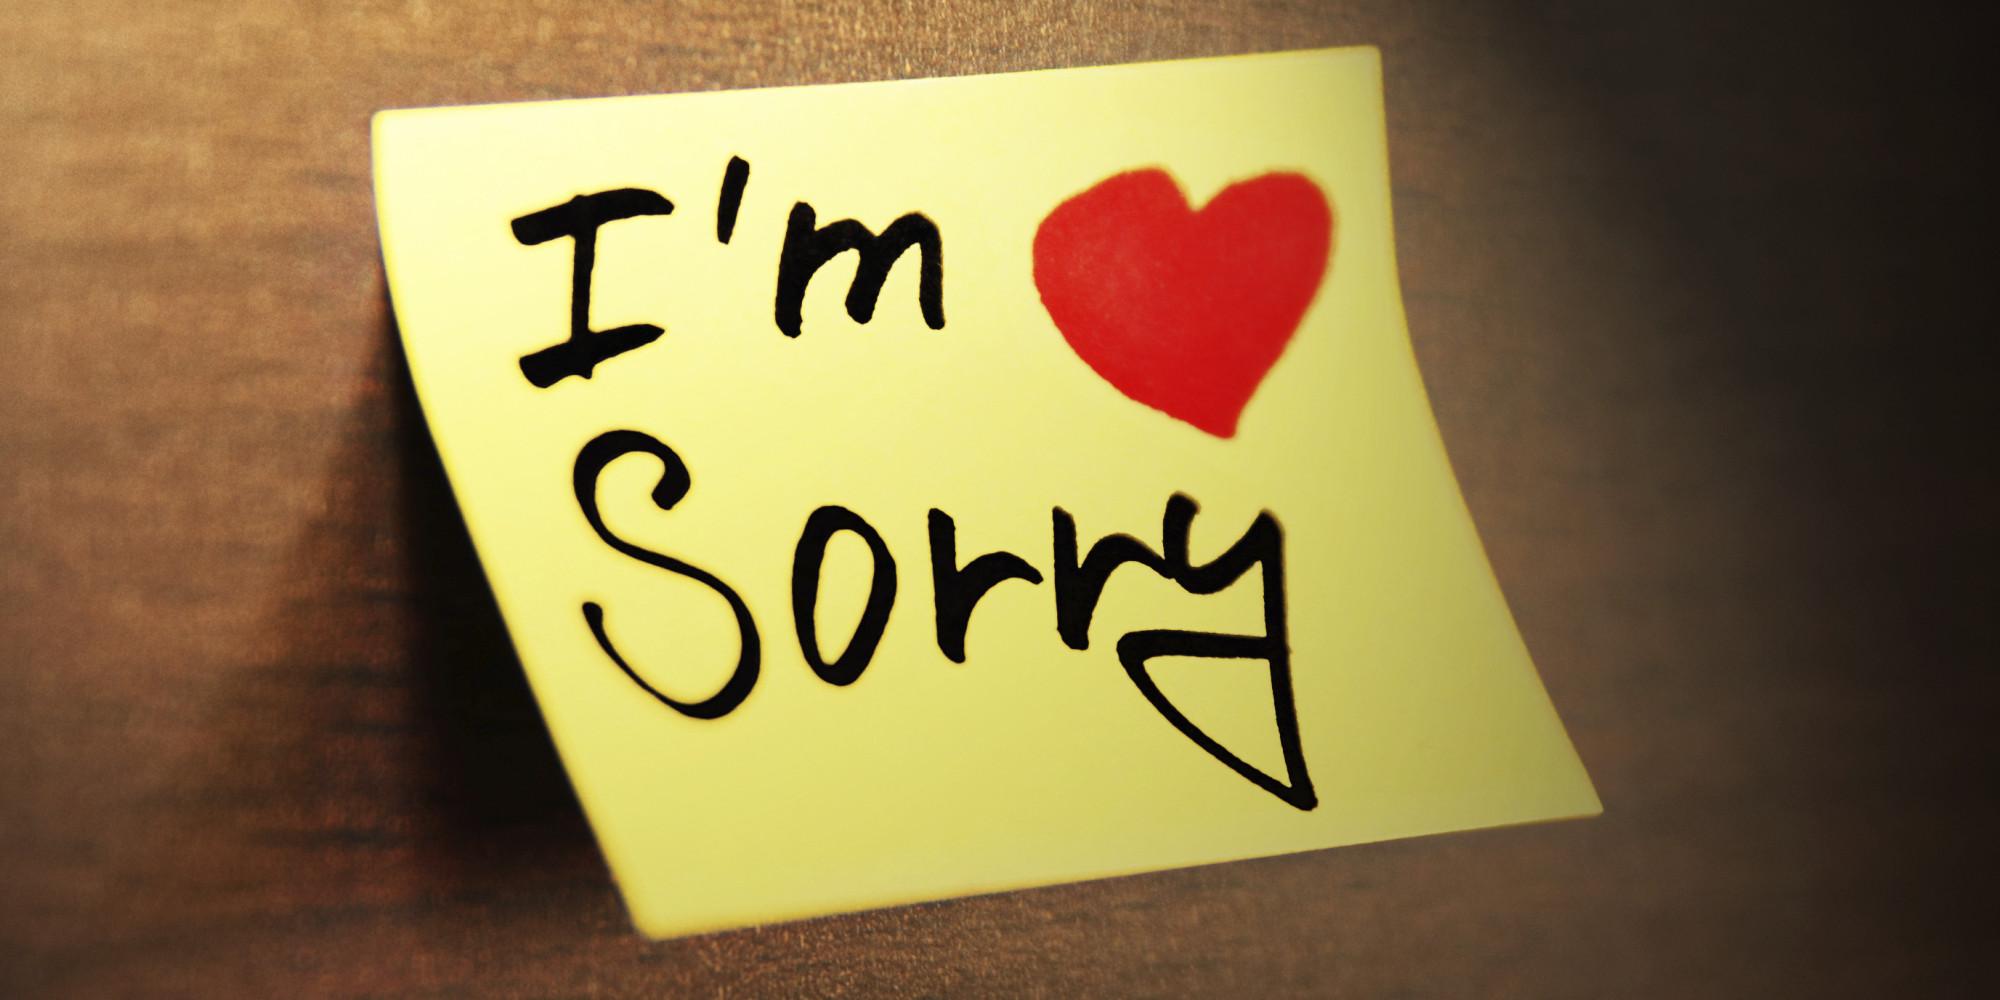 بالصور رسالة اعتذار لصديق , اصدق كلمات اعتذار لصديق 3635 4